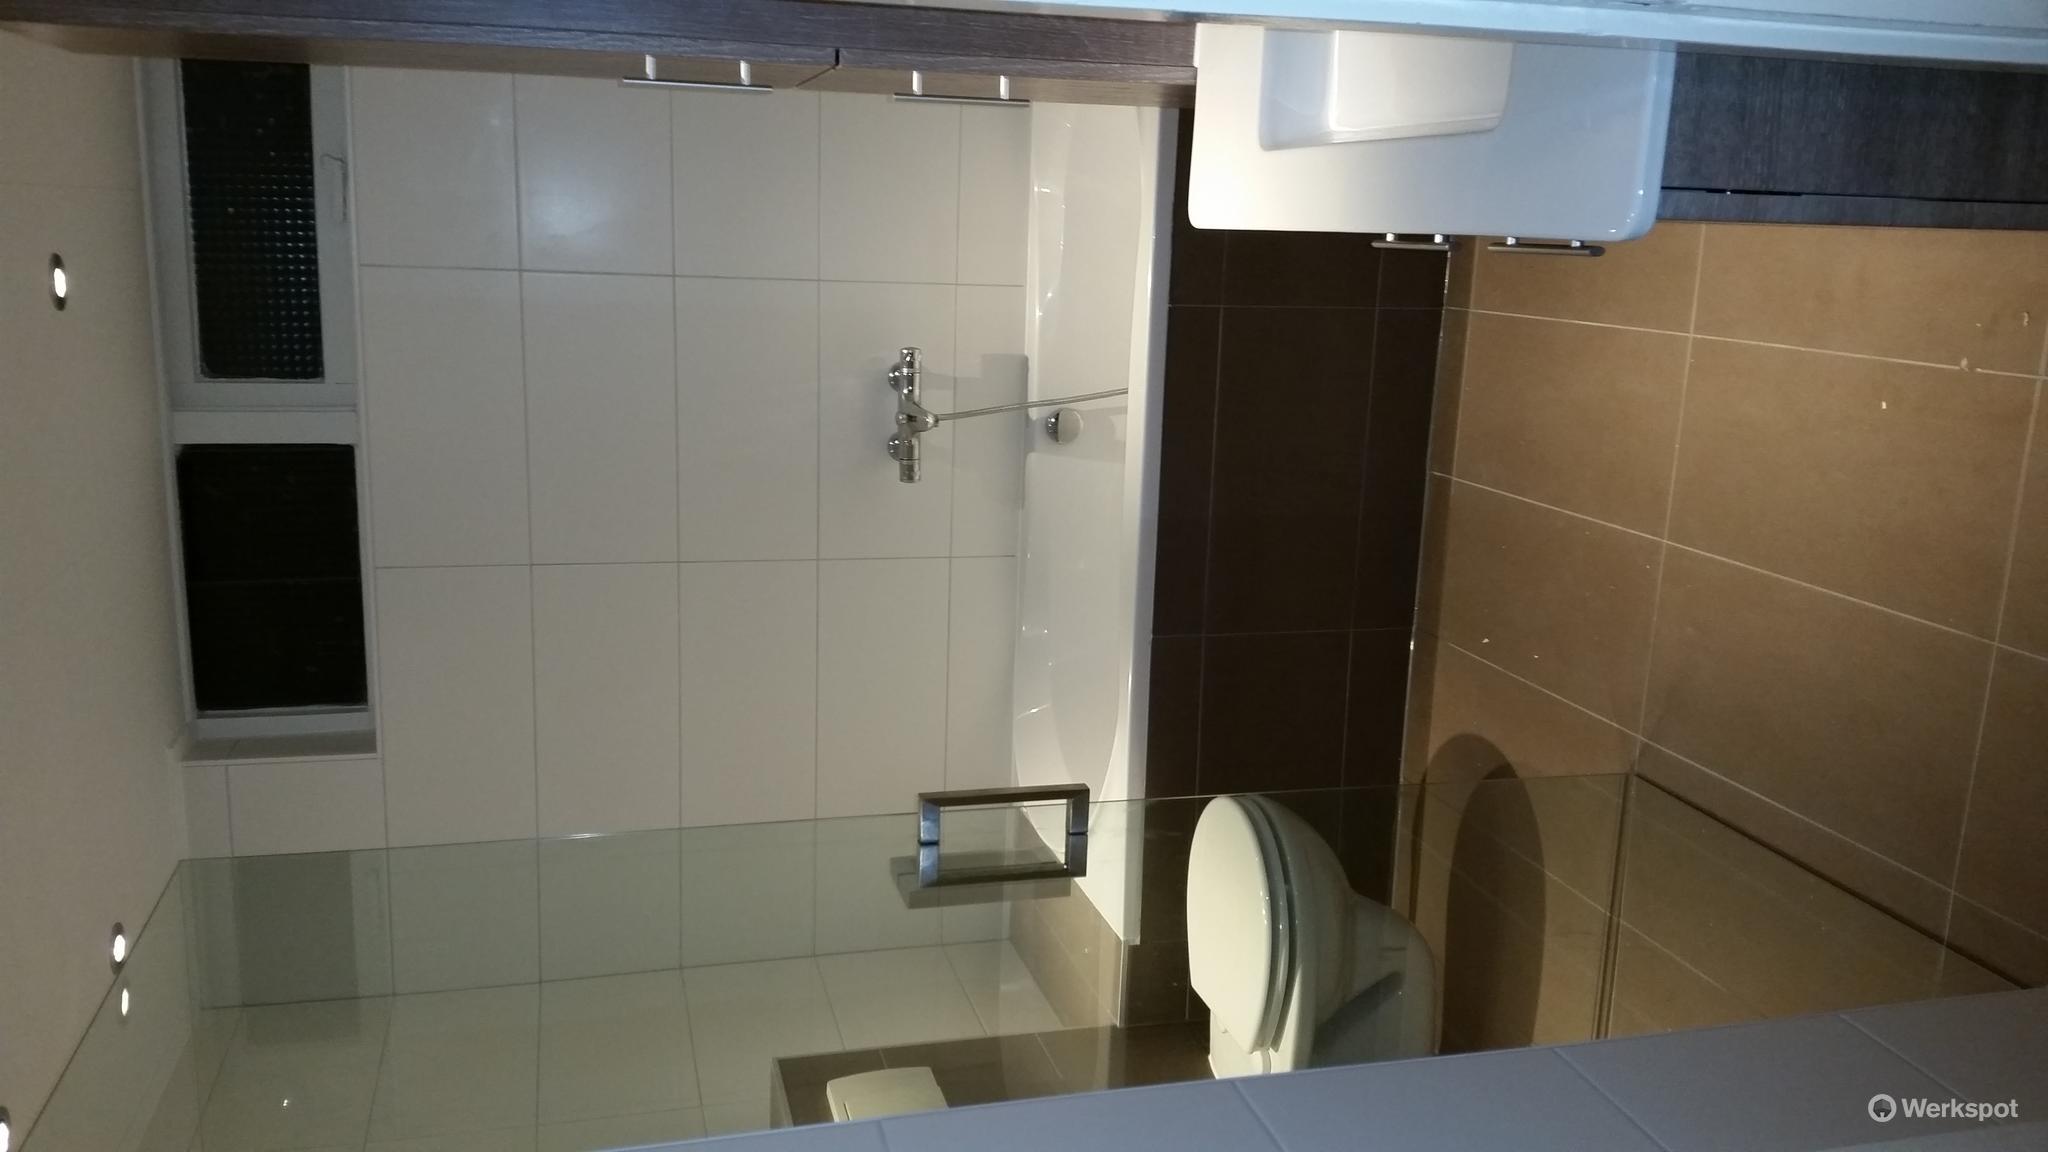 Badkamer Opnieuw Betegelen : Badkamer slopen en opnieuw betegelen werkspot